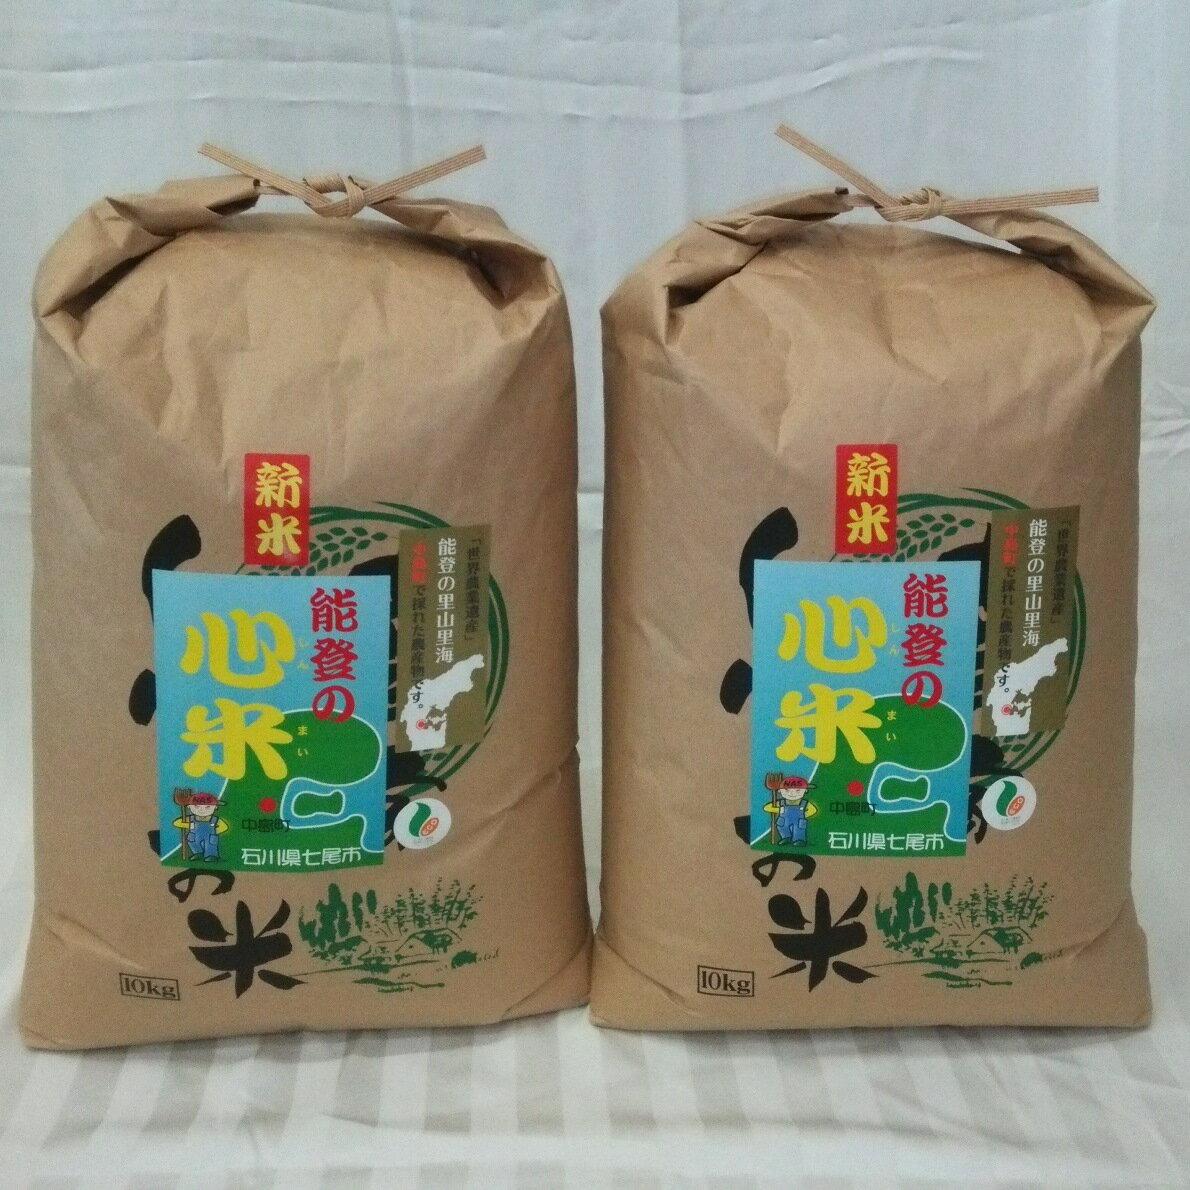 【ふるさと納税】こしひかり 能登の心米(精米20Kg)10kg×2袋 コシヒカリ 米